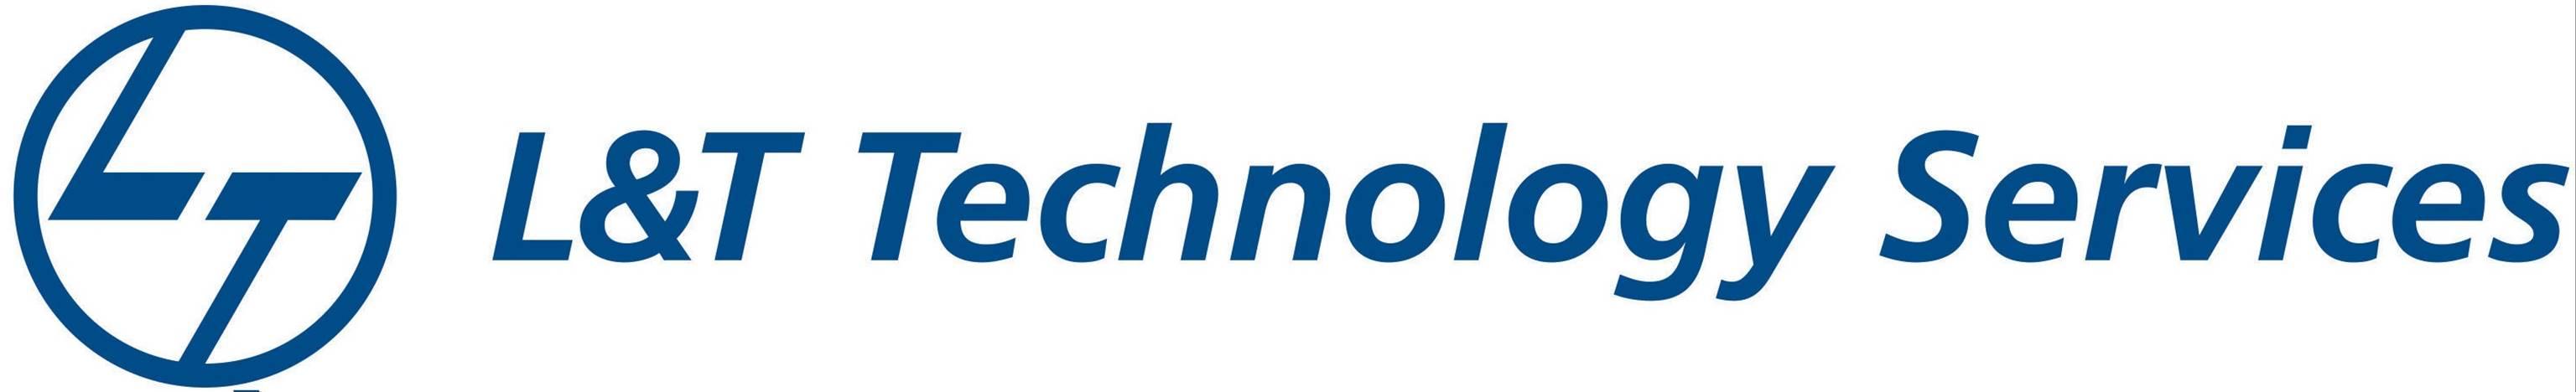 L & T Technology Services